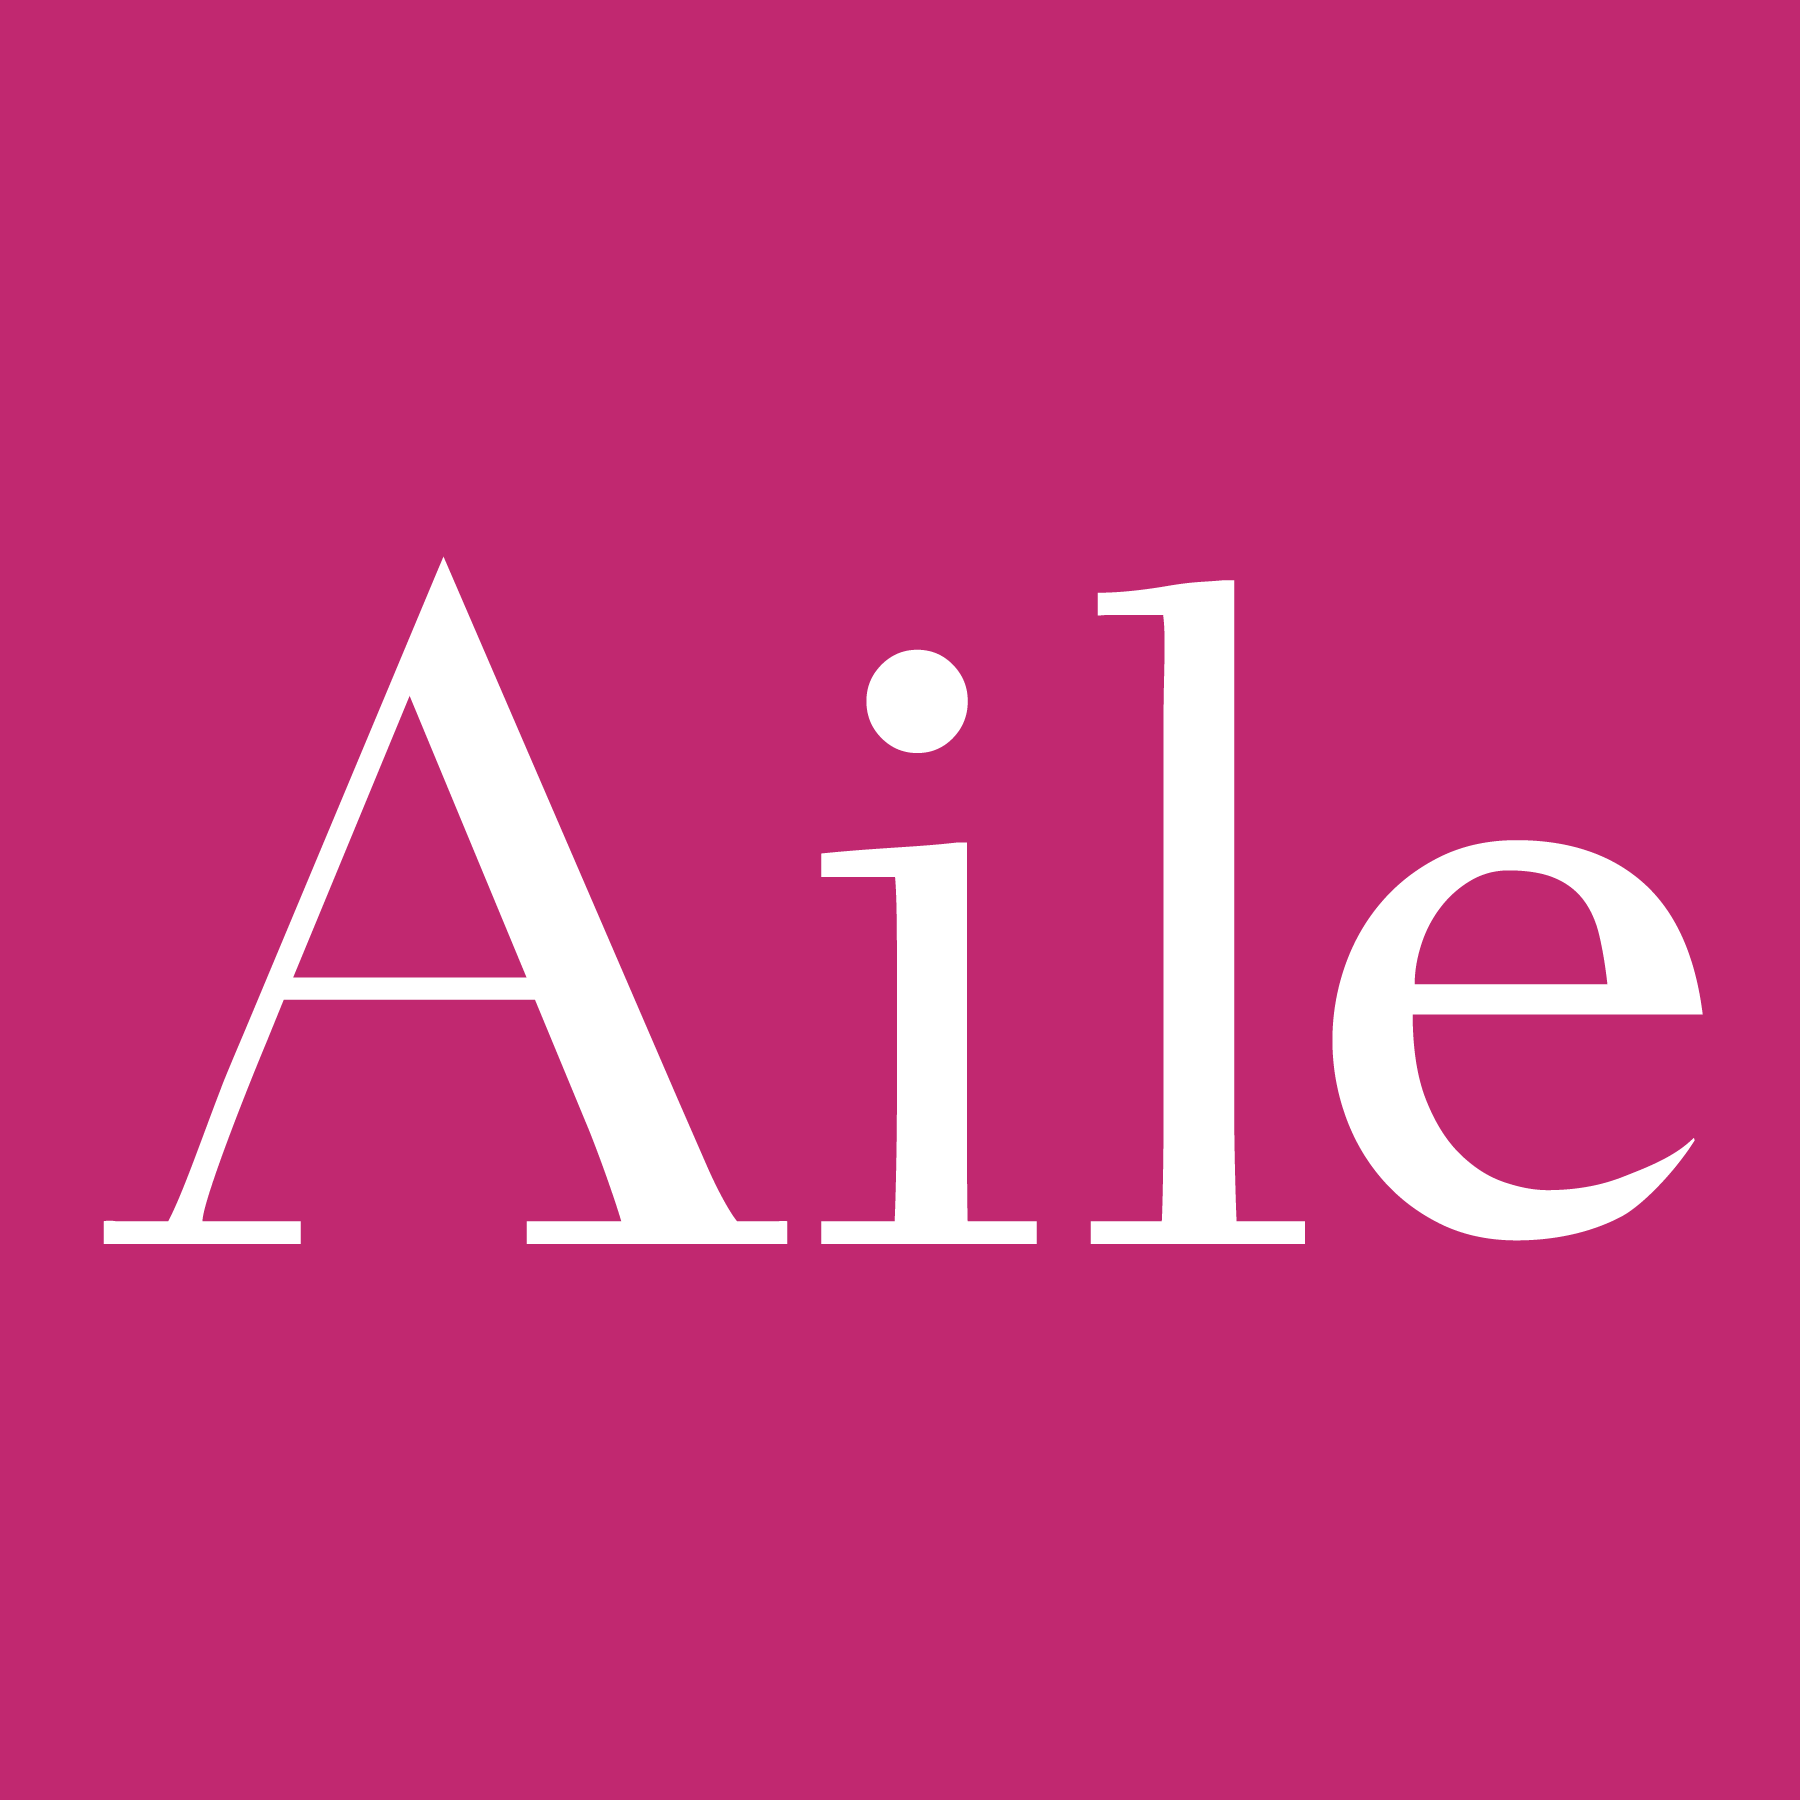 エール株式会社ロゴ